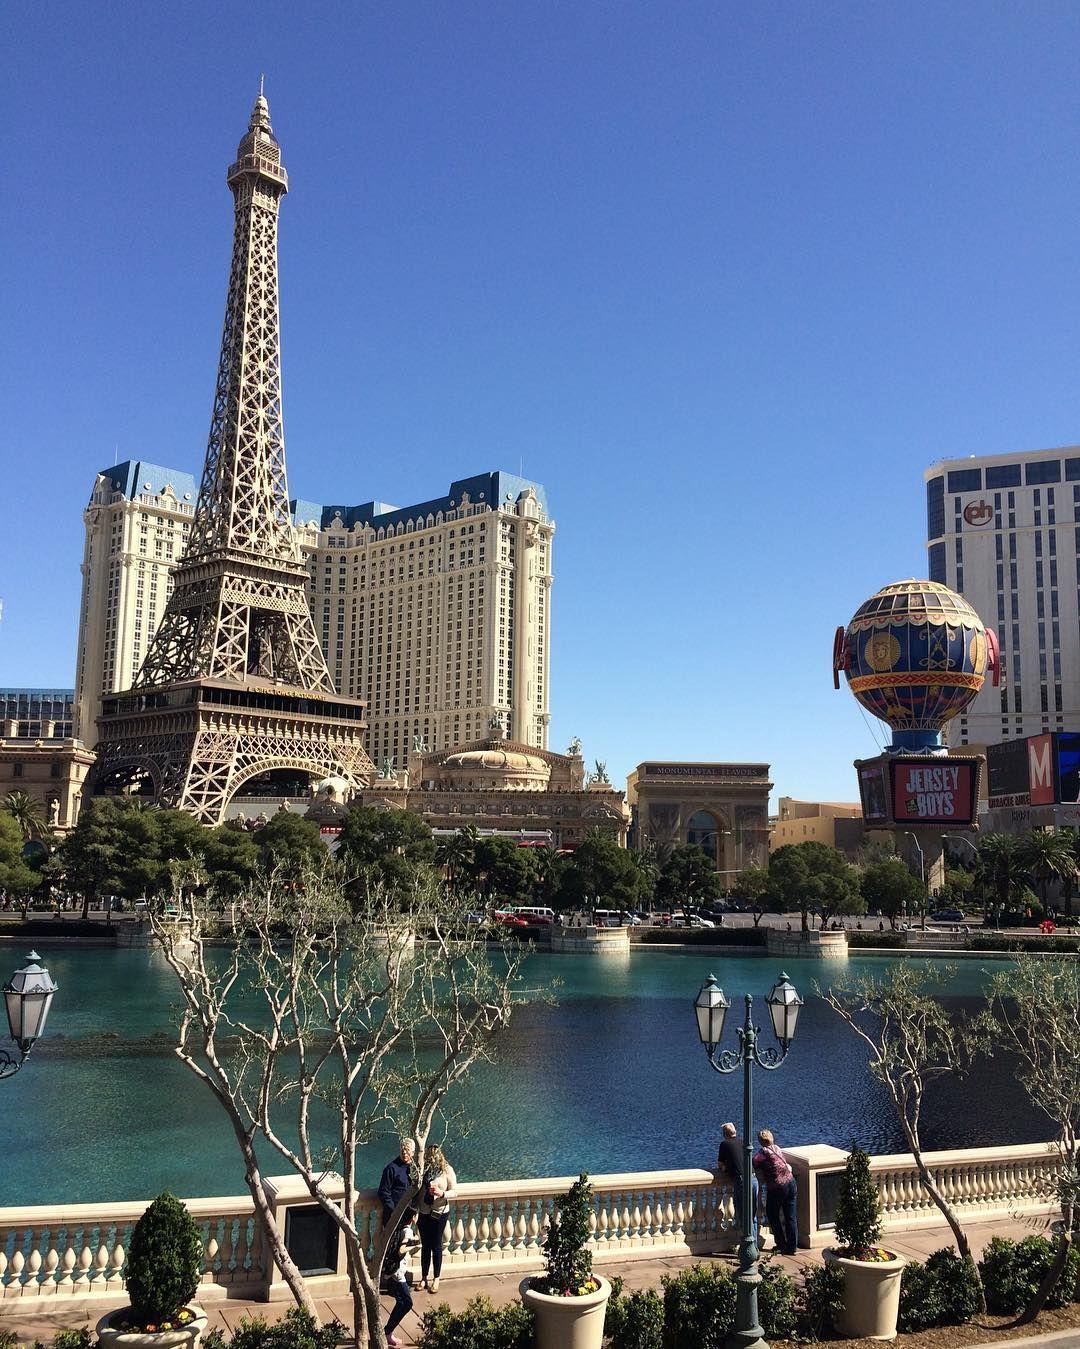 Torre Eifel en Las Vegas Lago artificial del Hotel Ceasar Palace. #LasVegas #ceasarpalace #torreeiffel #viajando #viajes #viajar #estadosunidos #eeuu #usa #travel #travelblogger #travelbloggers #travelphotography #intatravel #iphonephotography #iphoto by samantaxelmundo